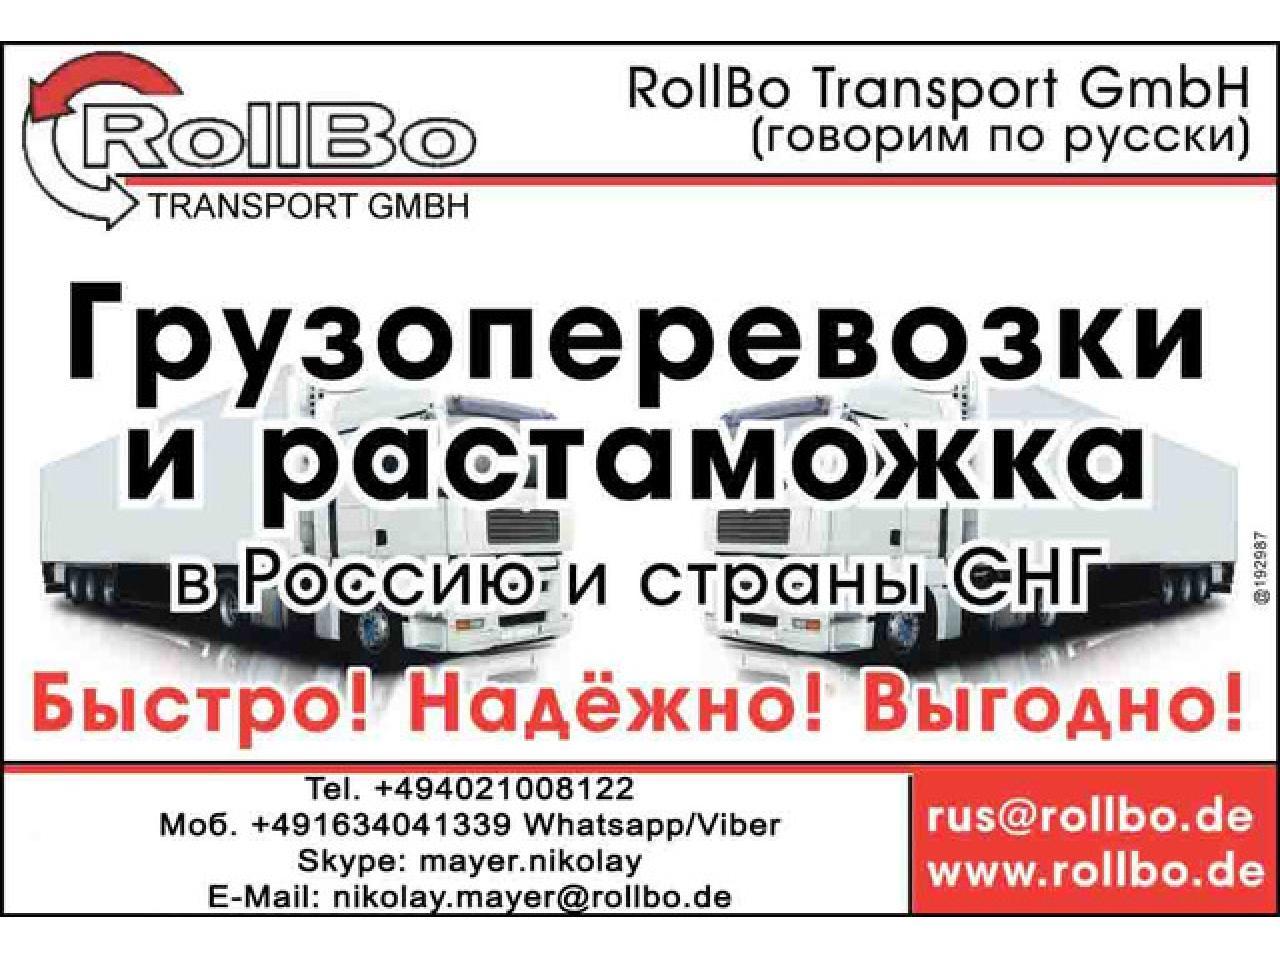 Грузоперевозки из Великобритании в Россию, СНГ недорого. Переезд на МПЖ в Великобританию - 1